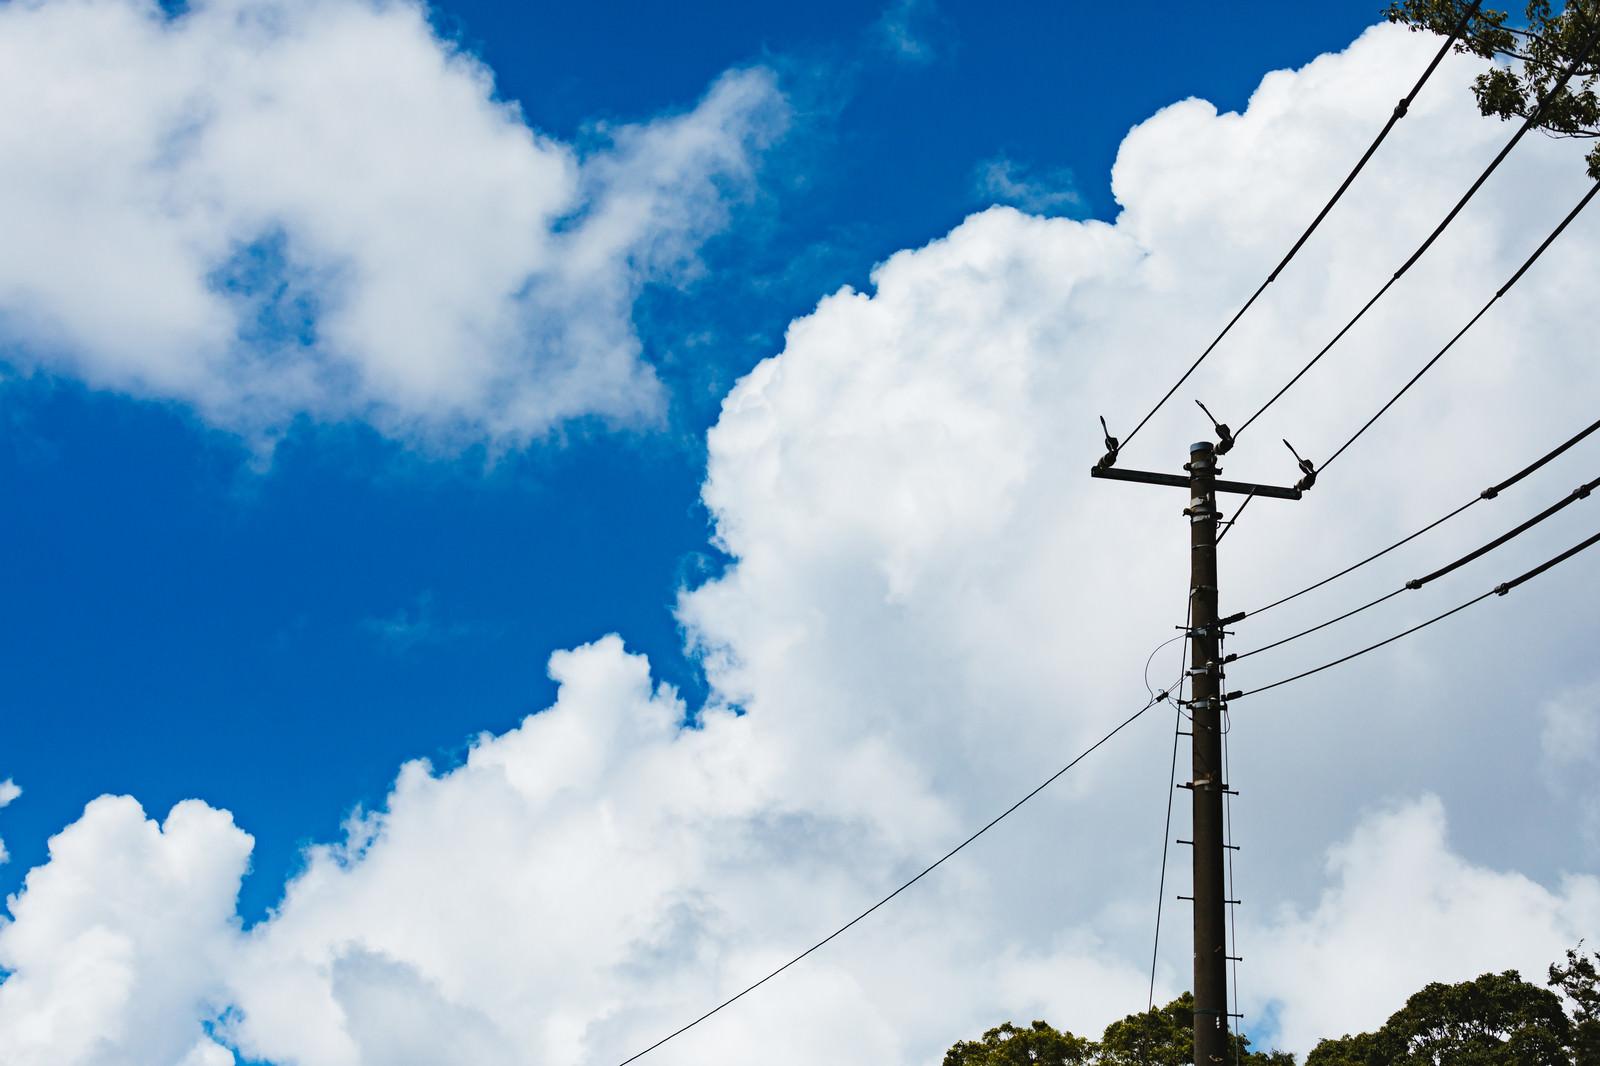 「晴天と積乱雲と電柱」の写真